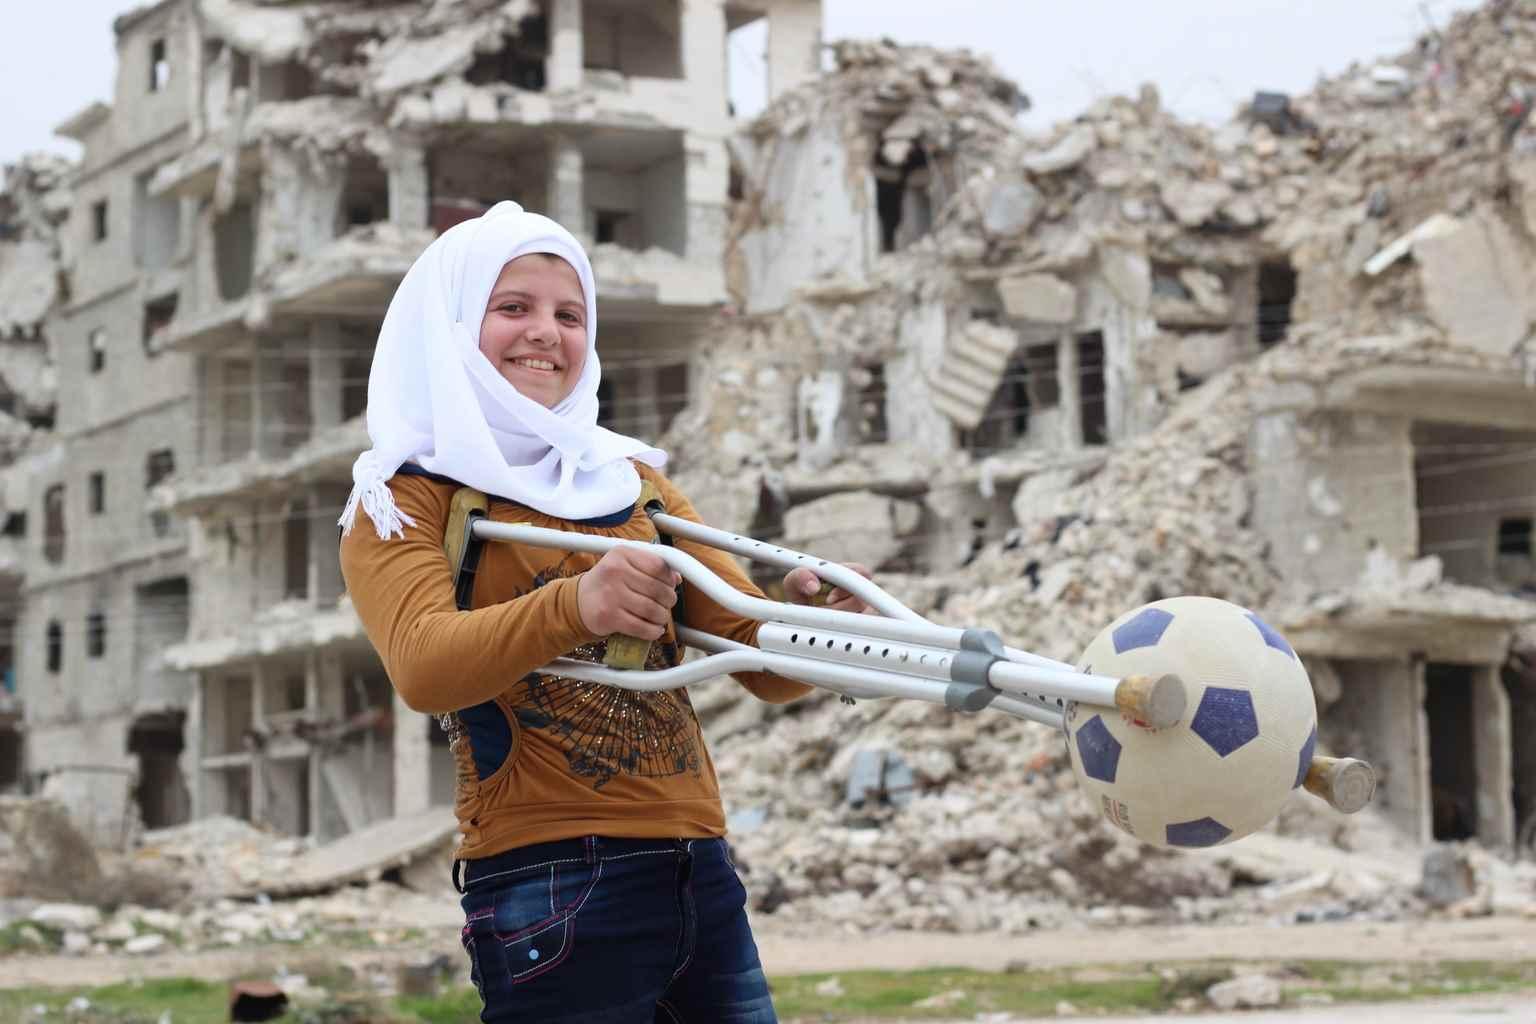 فقدت سجا أربعة من أفضل أصدقائها (فاطمة وزهرة وسيدرا وولاء)، في هجوم بقنبلة شرقي حلب.  فقدت ساقها جراء الهجوم أيضًا، لكنها لم تفقد حلمها بأن تكون لاعبة جمباز أبدًا.  تحلم سجا بمشاركة ولو ليوم واحد في الألعاب الأولمبية الخاصة، إنها تمارس القلب الهوائي يوميًا في غرفتها الصغيرة- آذار 2017 (يونيسيف)